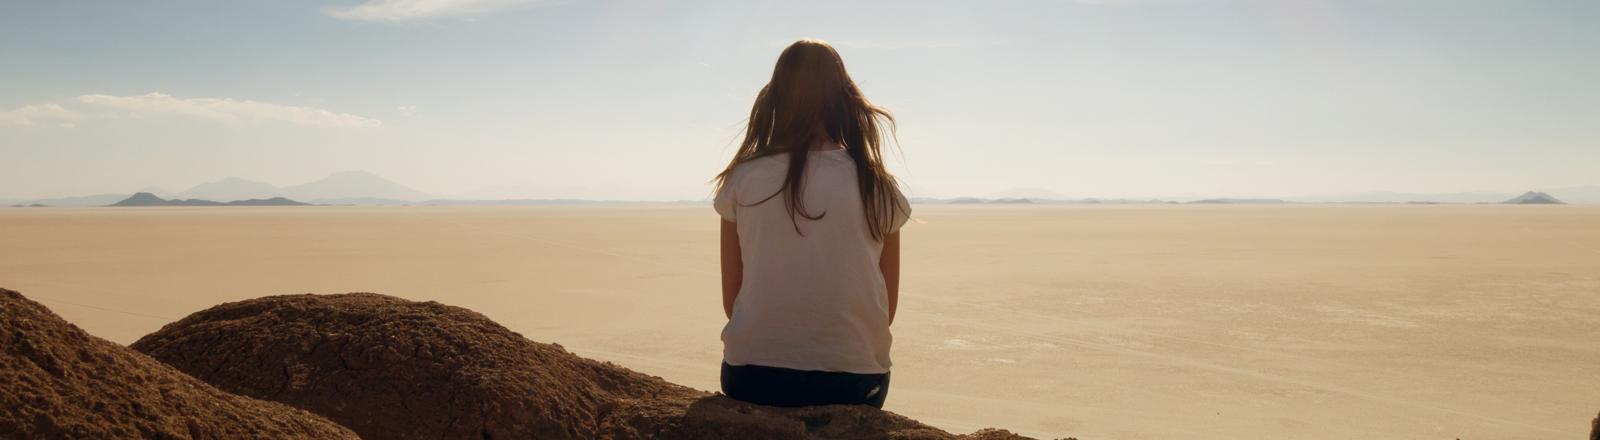 Frau sitzt auf Steinen am Meer